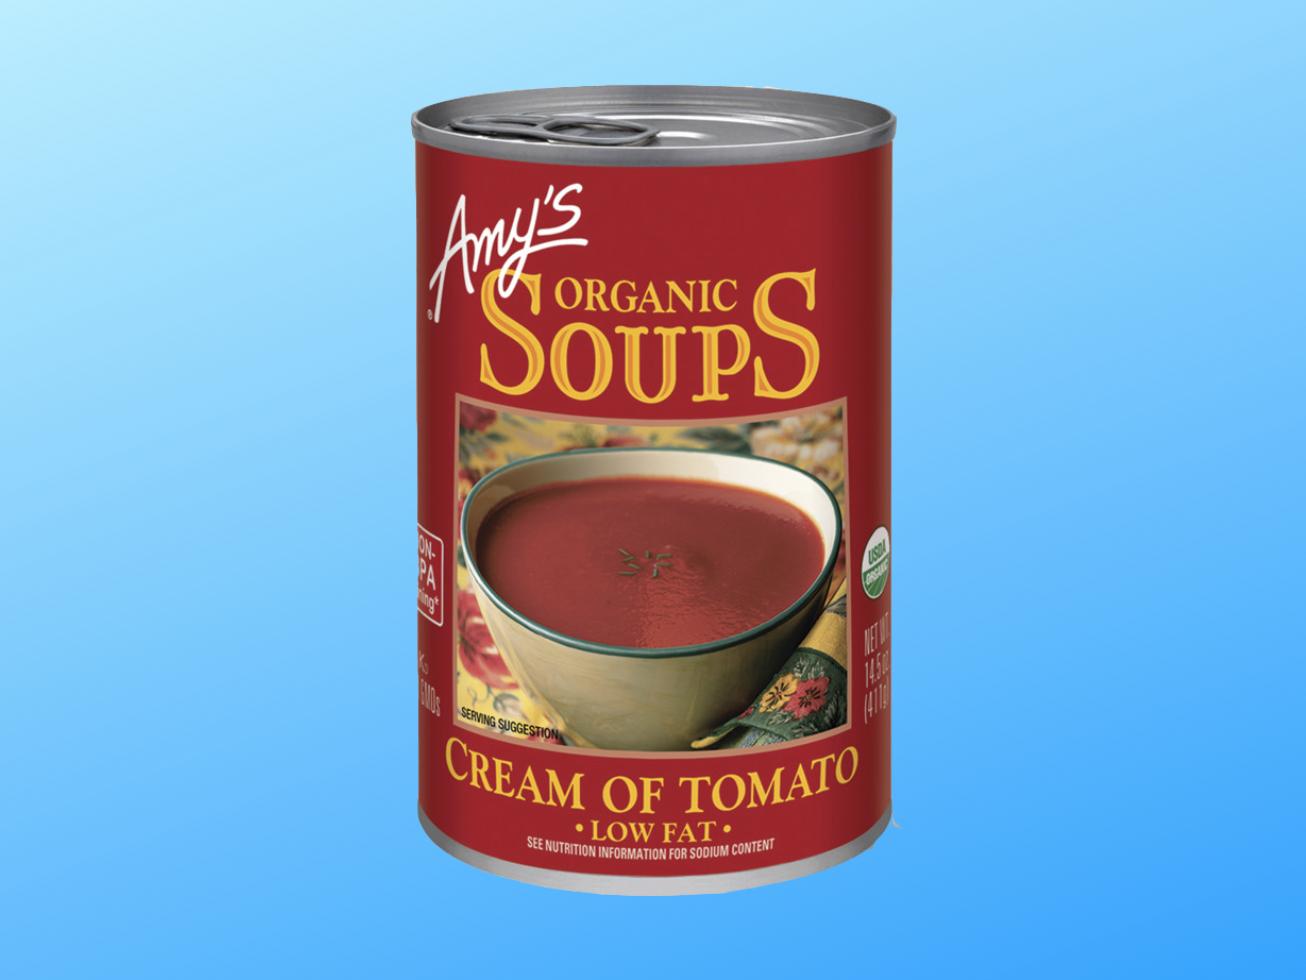 Amy's Cream of Tomato